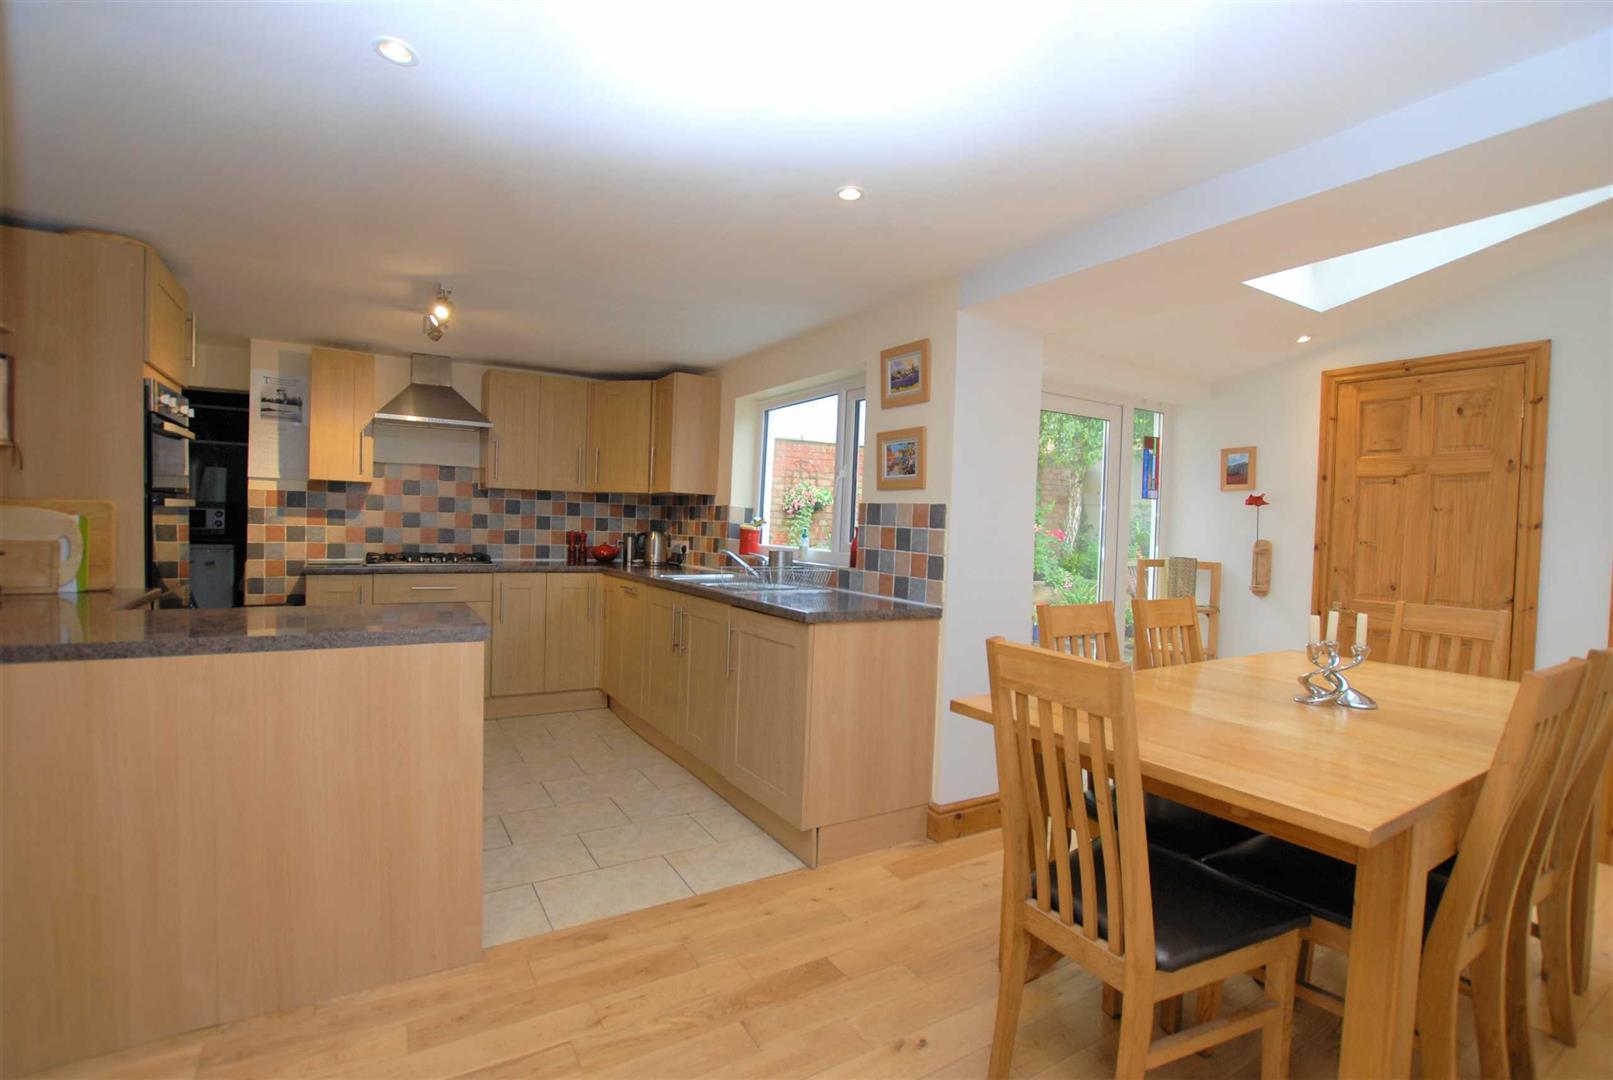 Cheltenham - 3 Bed House - End Terrace